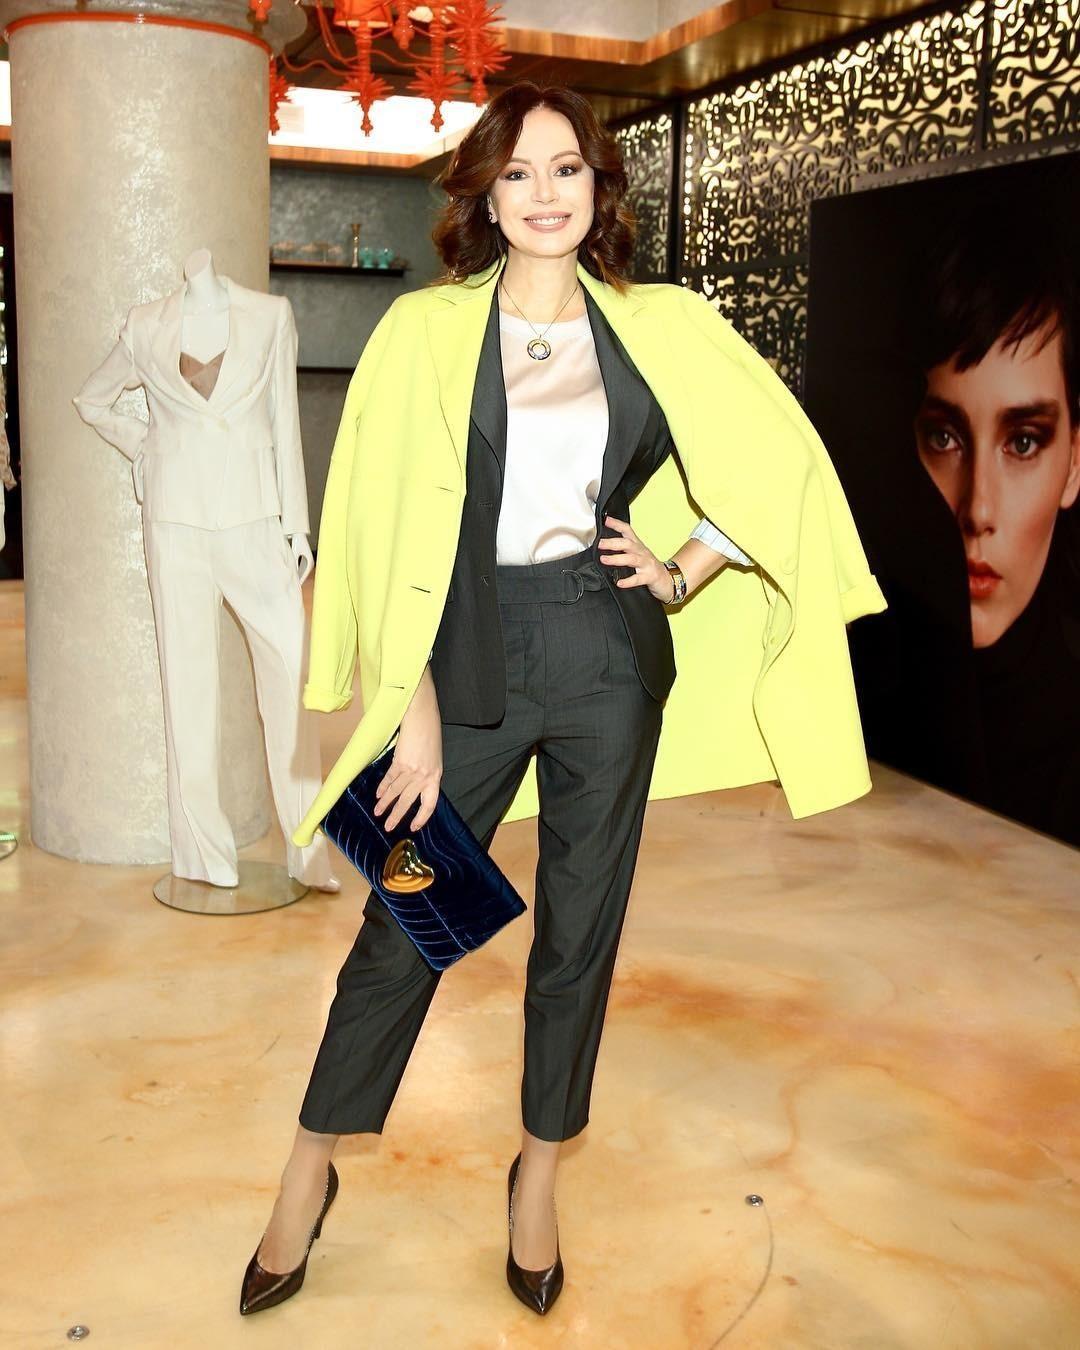 Серый брючный костюм Безрукова сопроводила молочной шелковой блузкой, ярко-желтым пальто ибархатным клатчем. Поклонники отметили, что втаком образе актриса выглядит на20 лет моложе. «С...